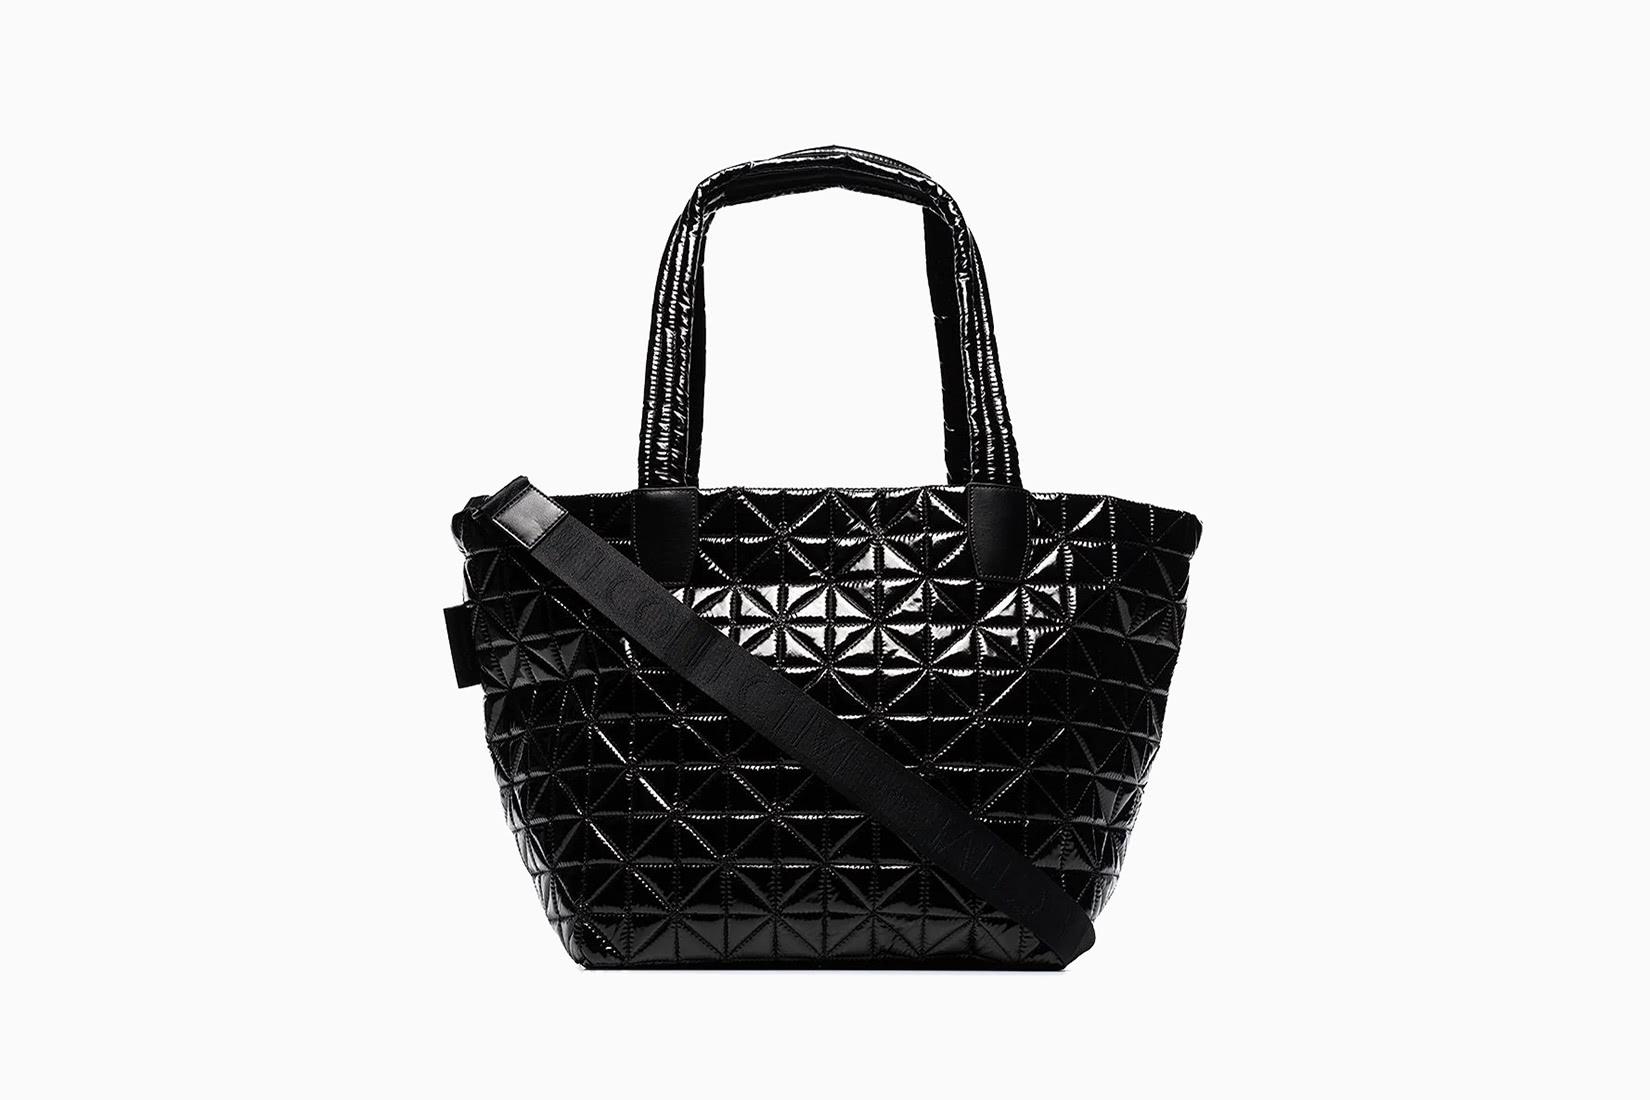 best women gym bag expensive veecollective - Luxe Digital